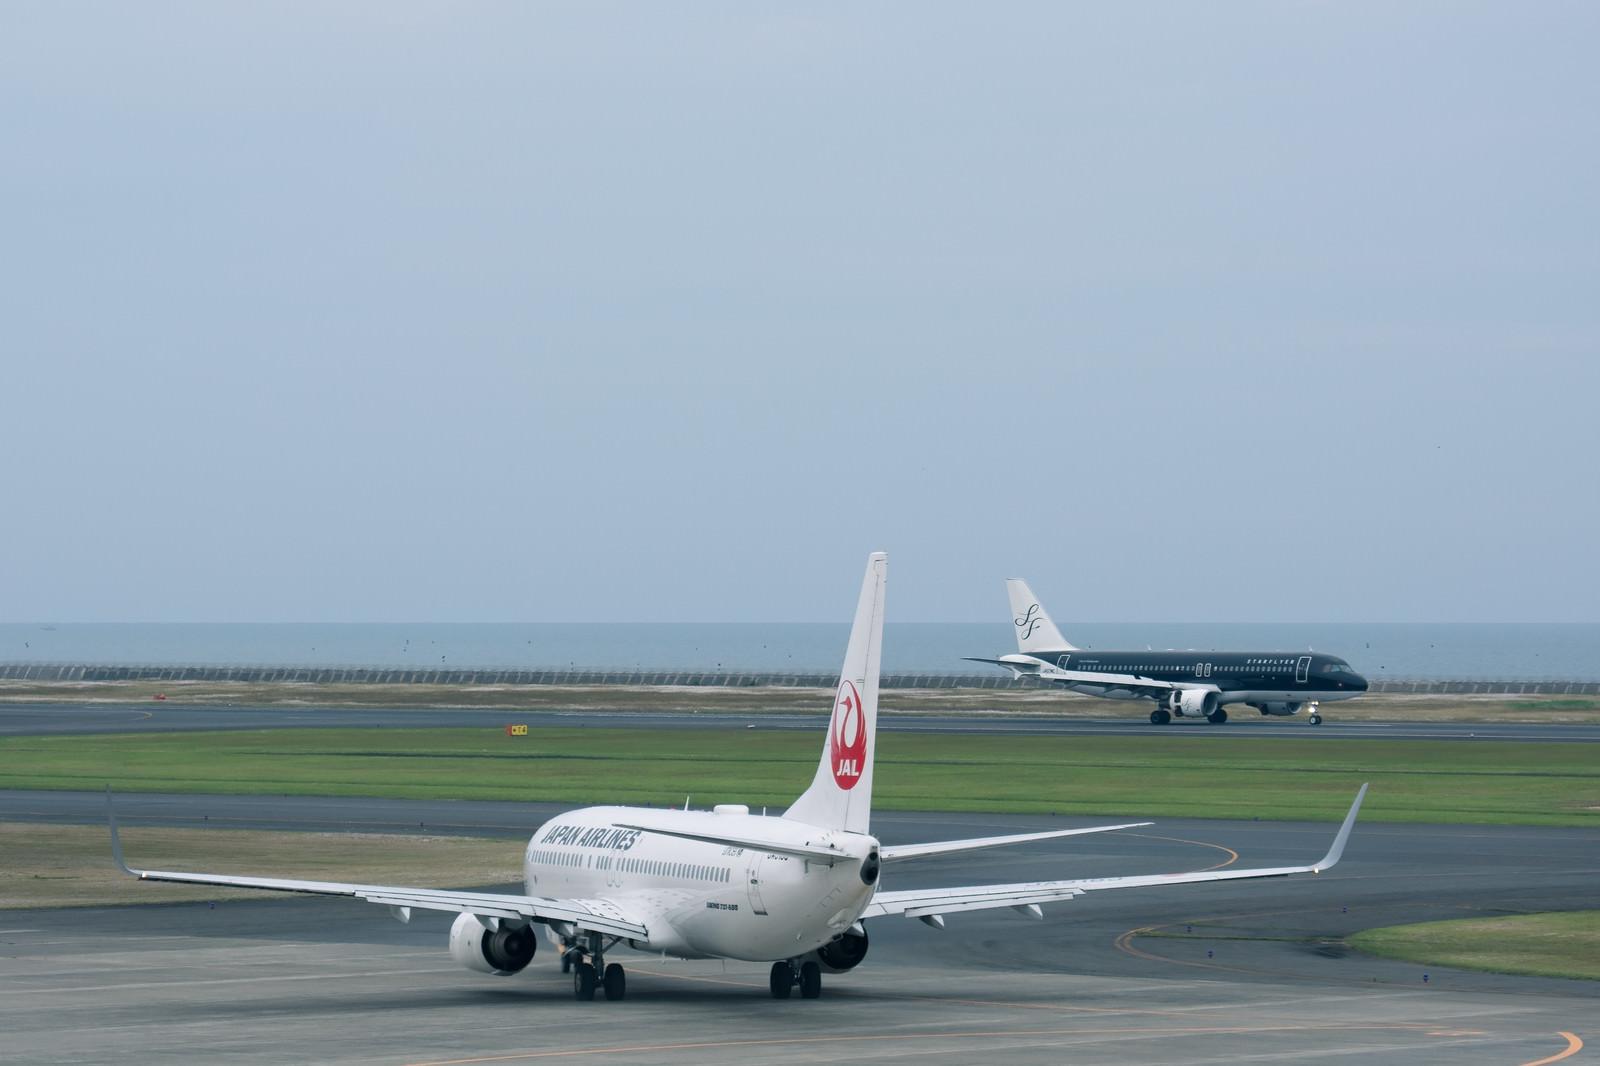 「離陸開始ポイントの飛行機と着陸機(山口宇部空港)」の写真